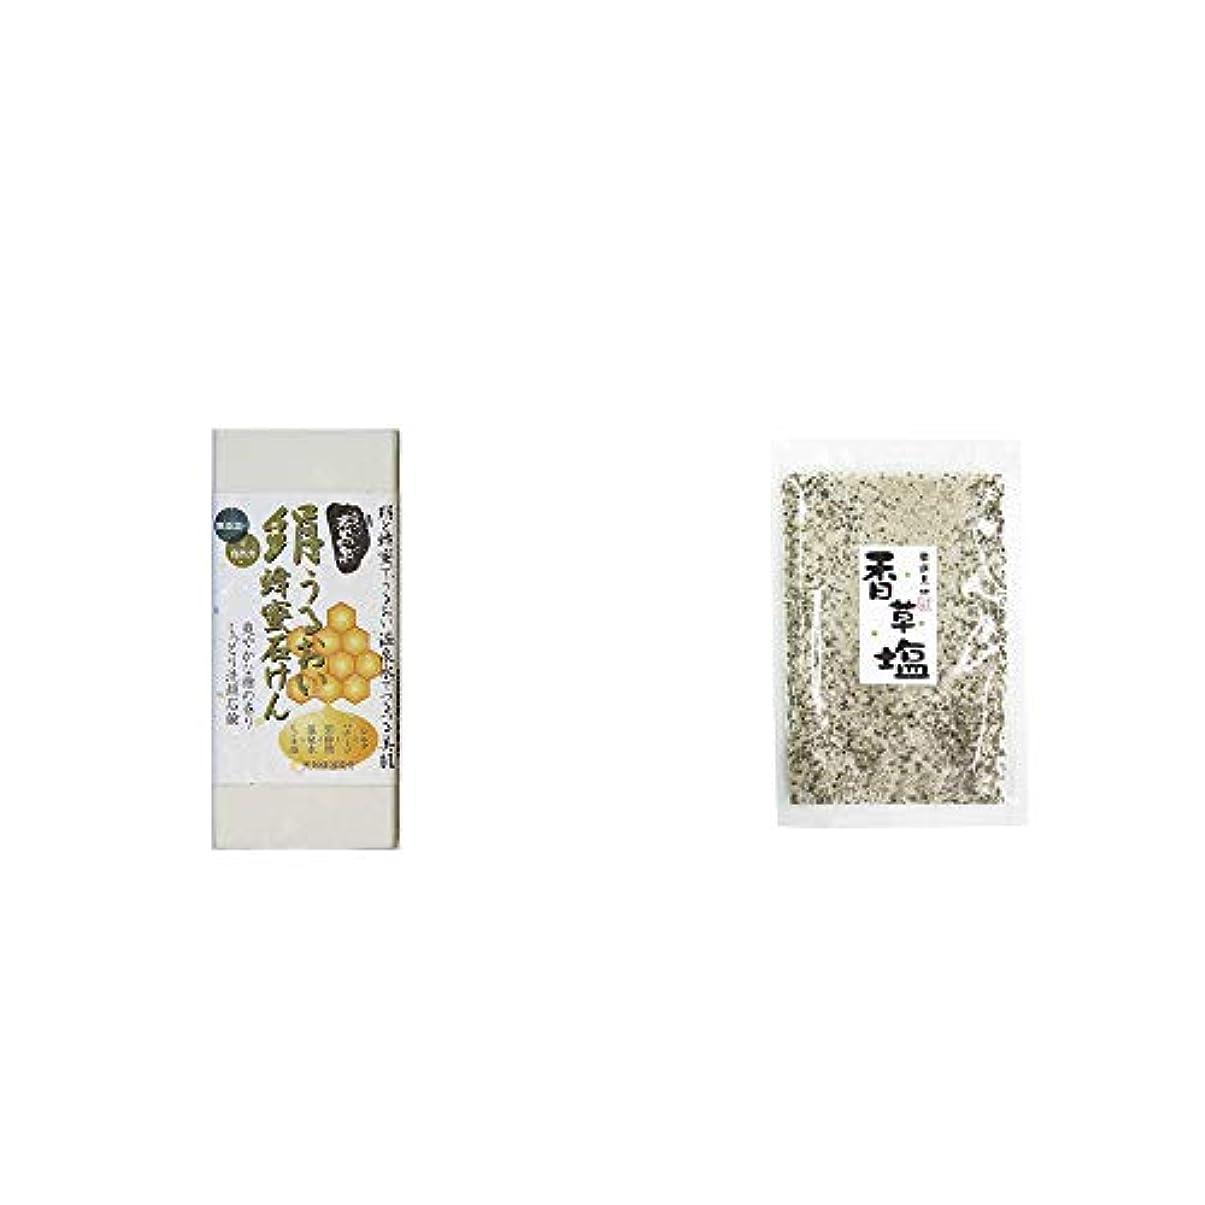 ハンドブック磁石請求[2点セット] ひのき炭黒泉 絹うるおい蜂蜜石けん(75g×2)?香草塩 [袋タイプ](100g)